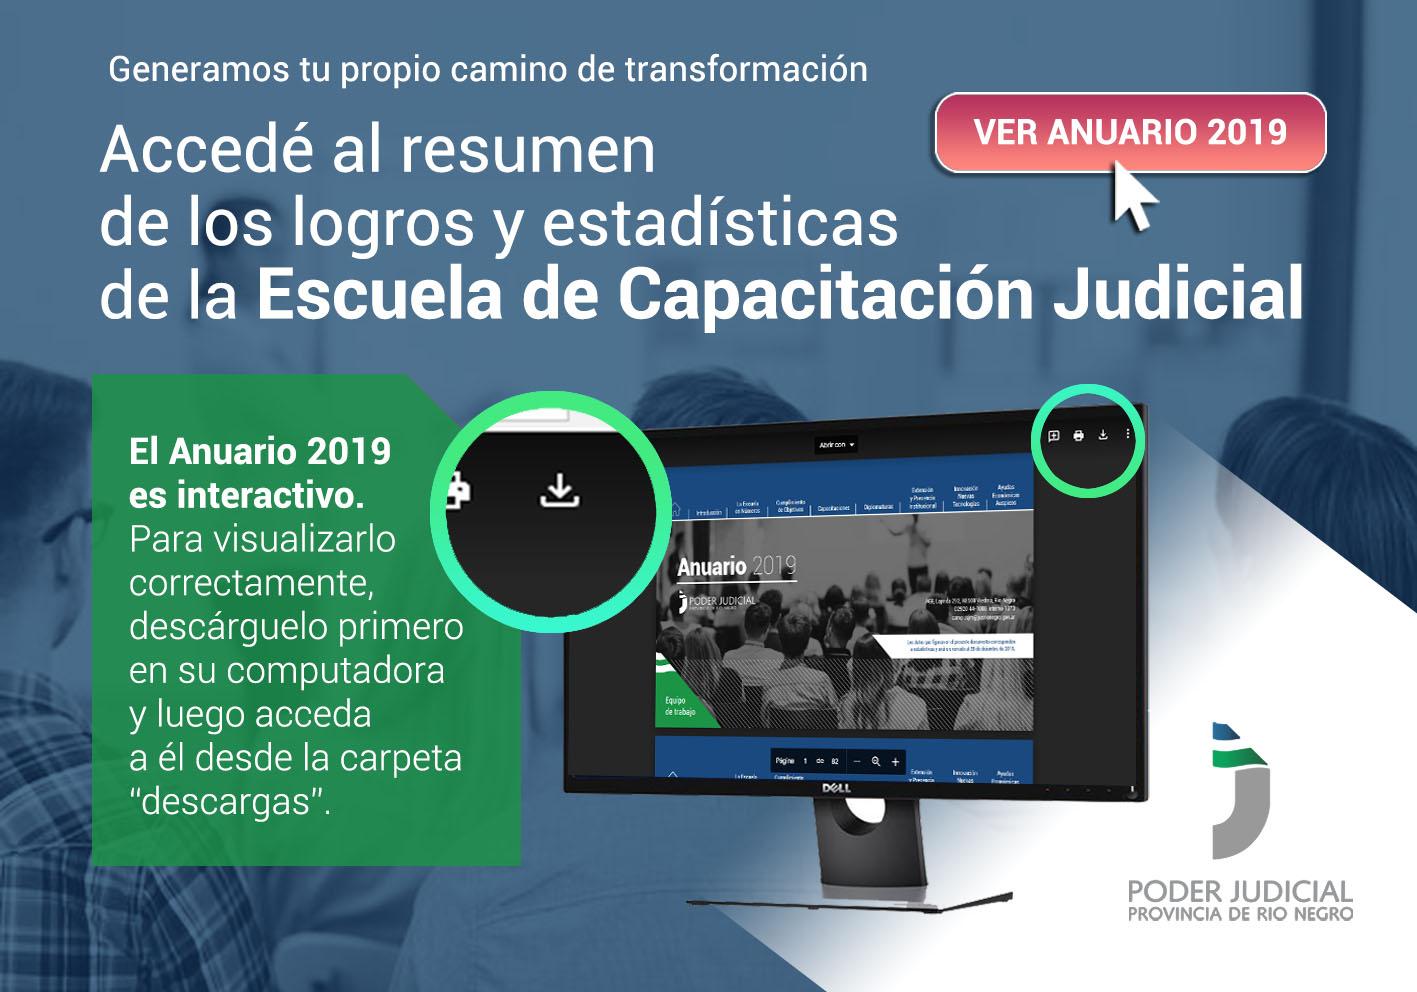 Anuario 2019 de la Escuela de Capacitación Judicial